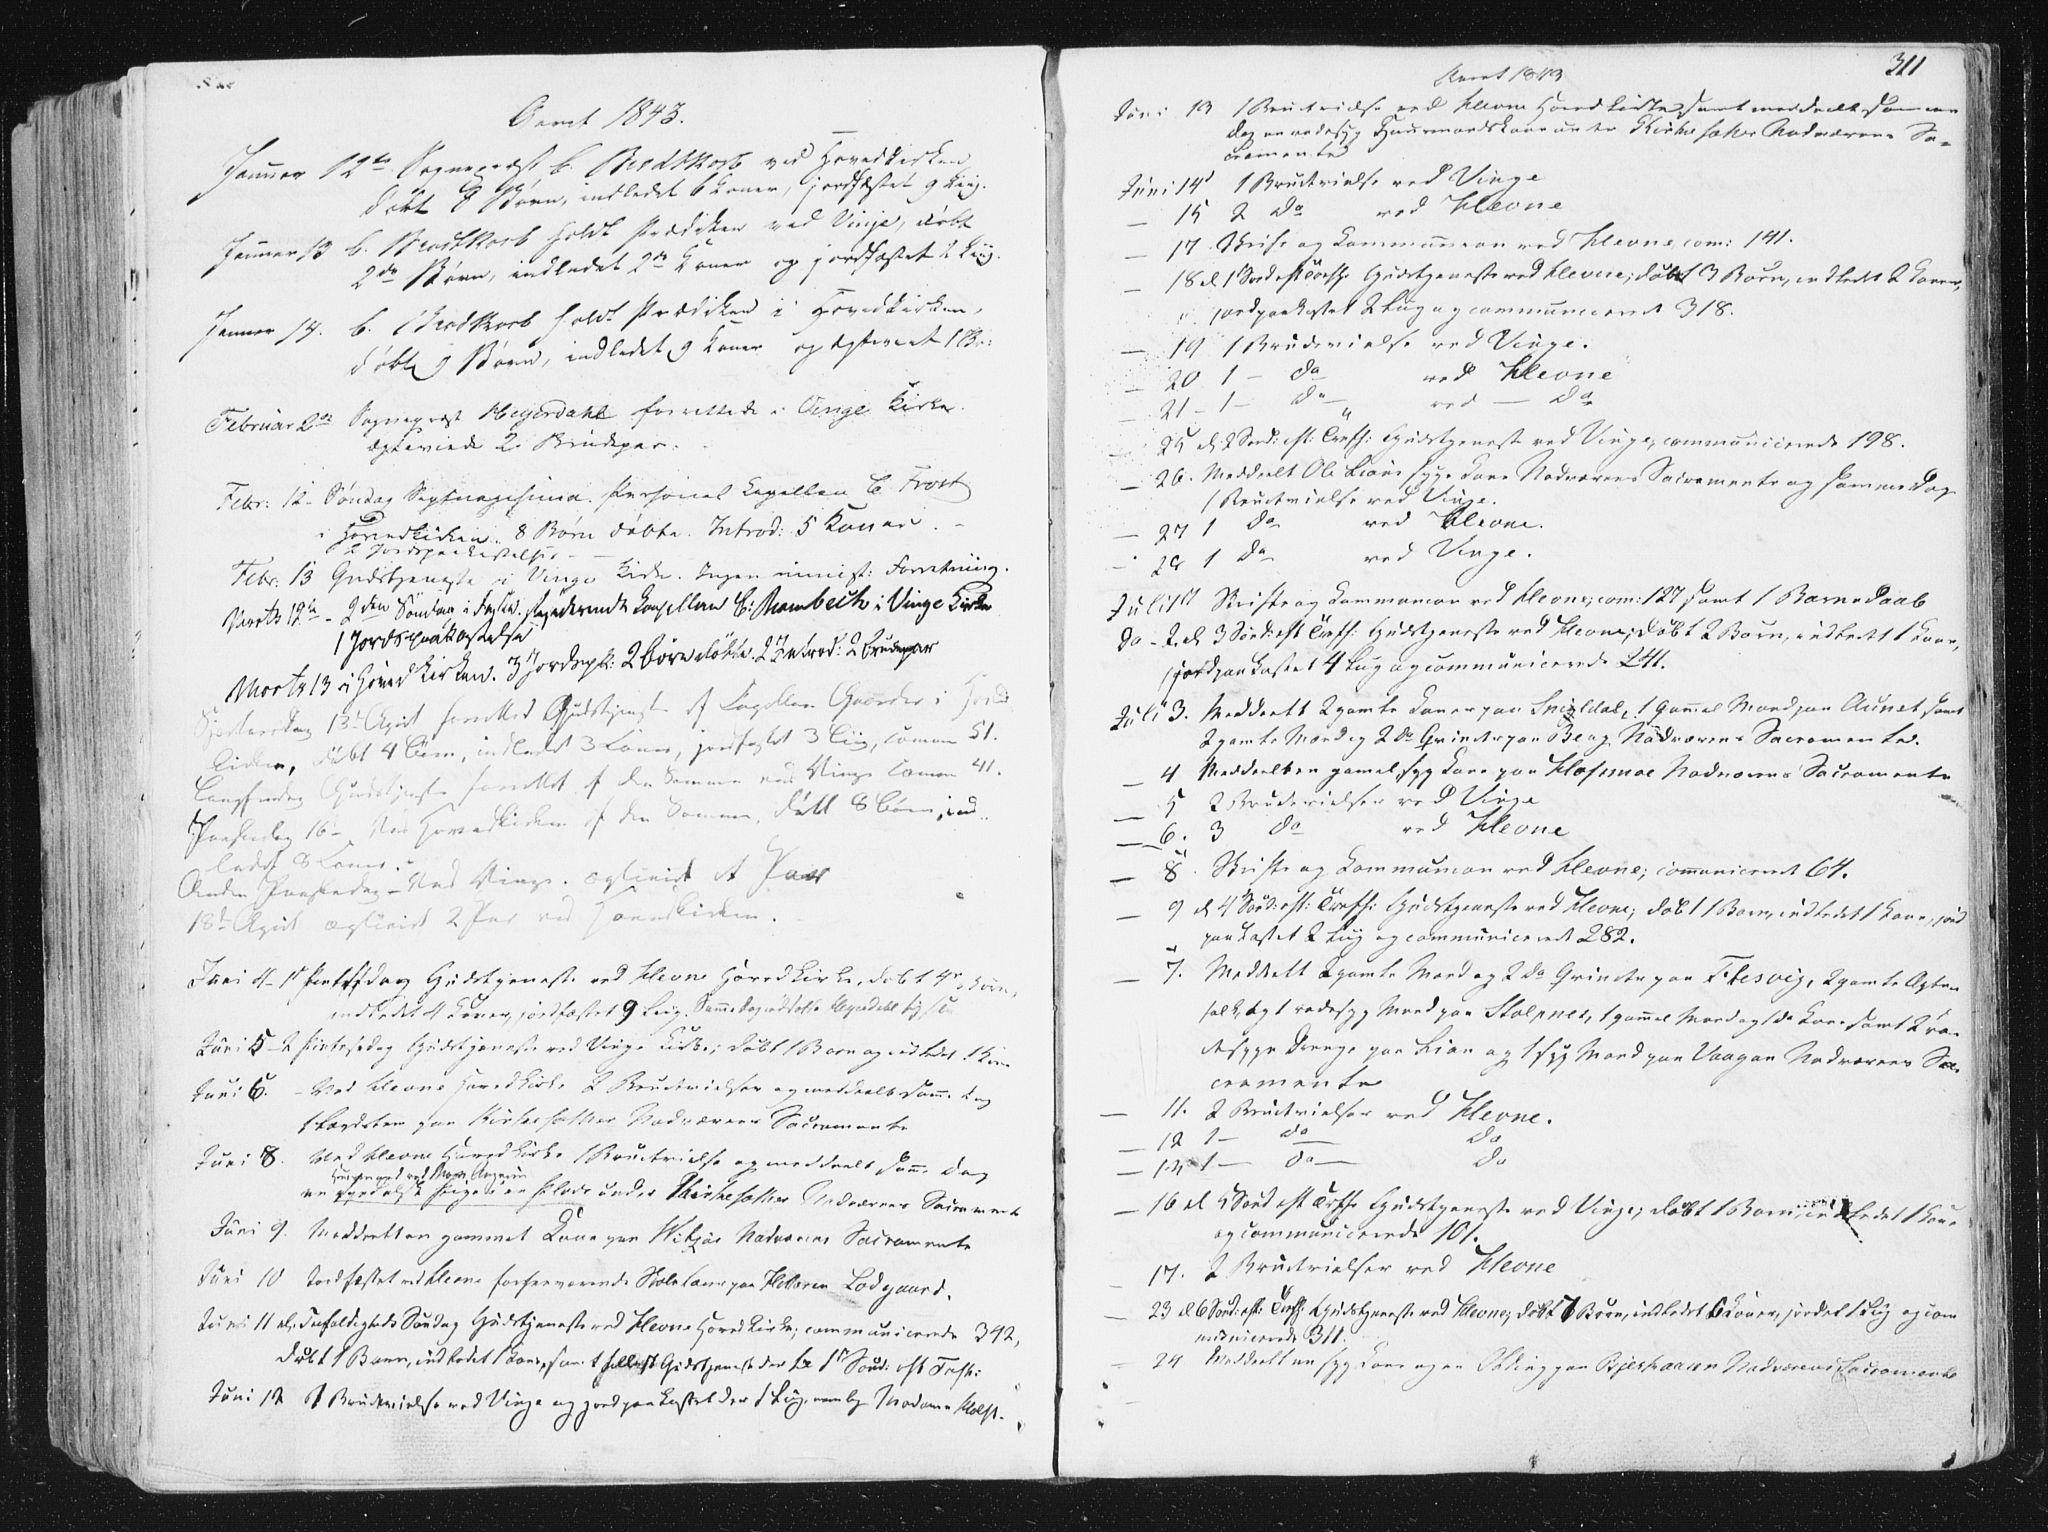 SAT, Ministerialprotokoller, klokkerbøker og fødselsregistre - Sør-Trøndelag, 630/L0493: Ministerialbok nr. 630A06, 1841-1851, s. 311